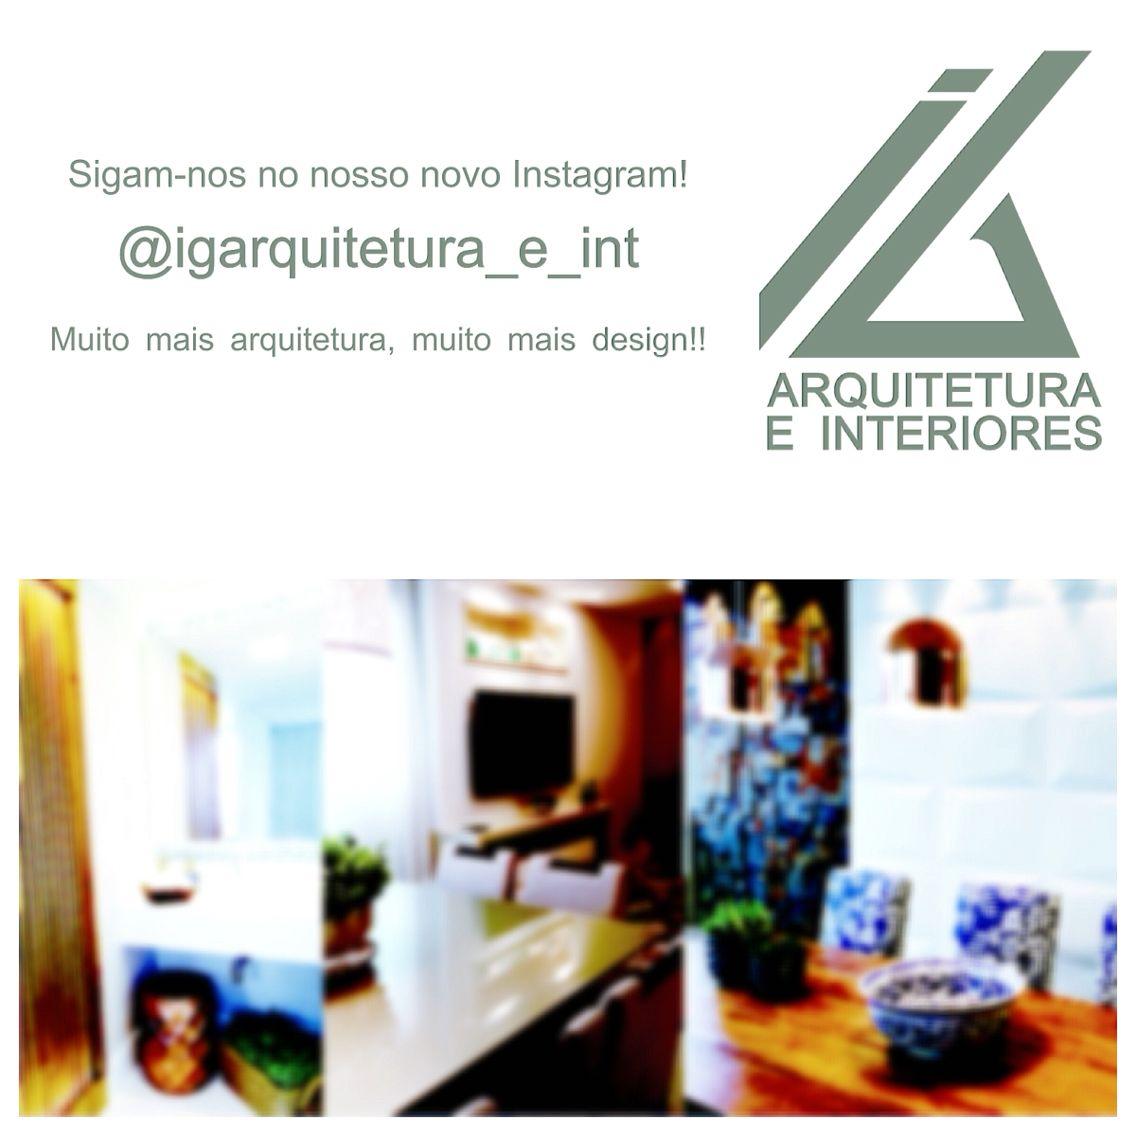 Siga nosso Instagram oficial @igarquitetura_e_int e nosso facebook, www.facebook.com/igarquiteturaeinteriores